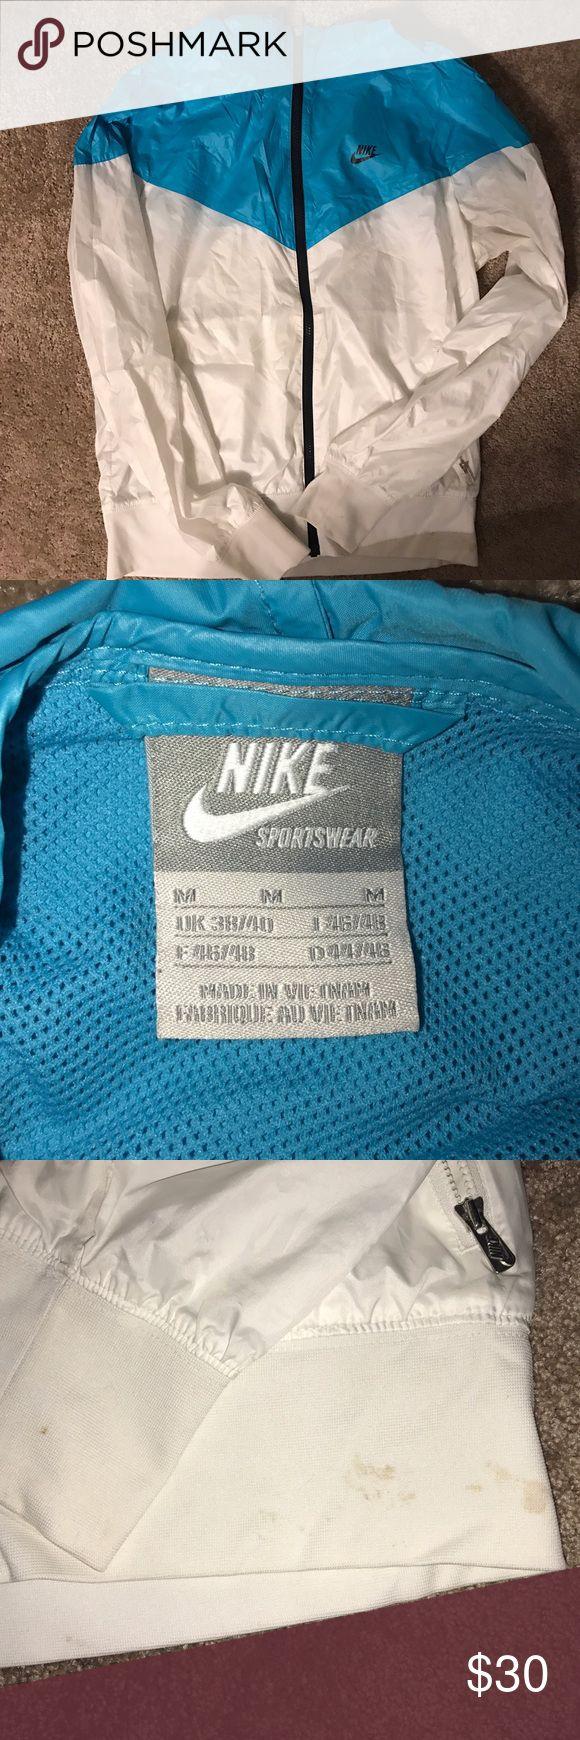 Women's Nike Jacket Women's Nike Windbreaker Jacket. Some staining on waistband. Size Medium. Nike Jackets & Coats